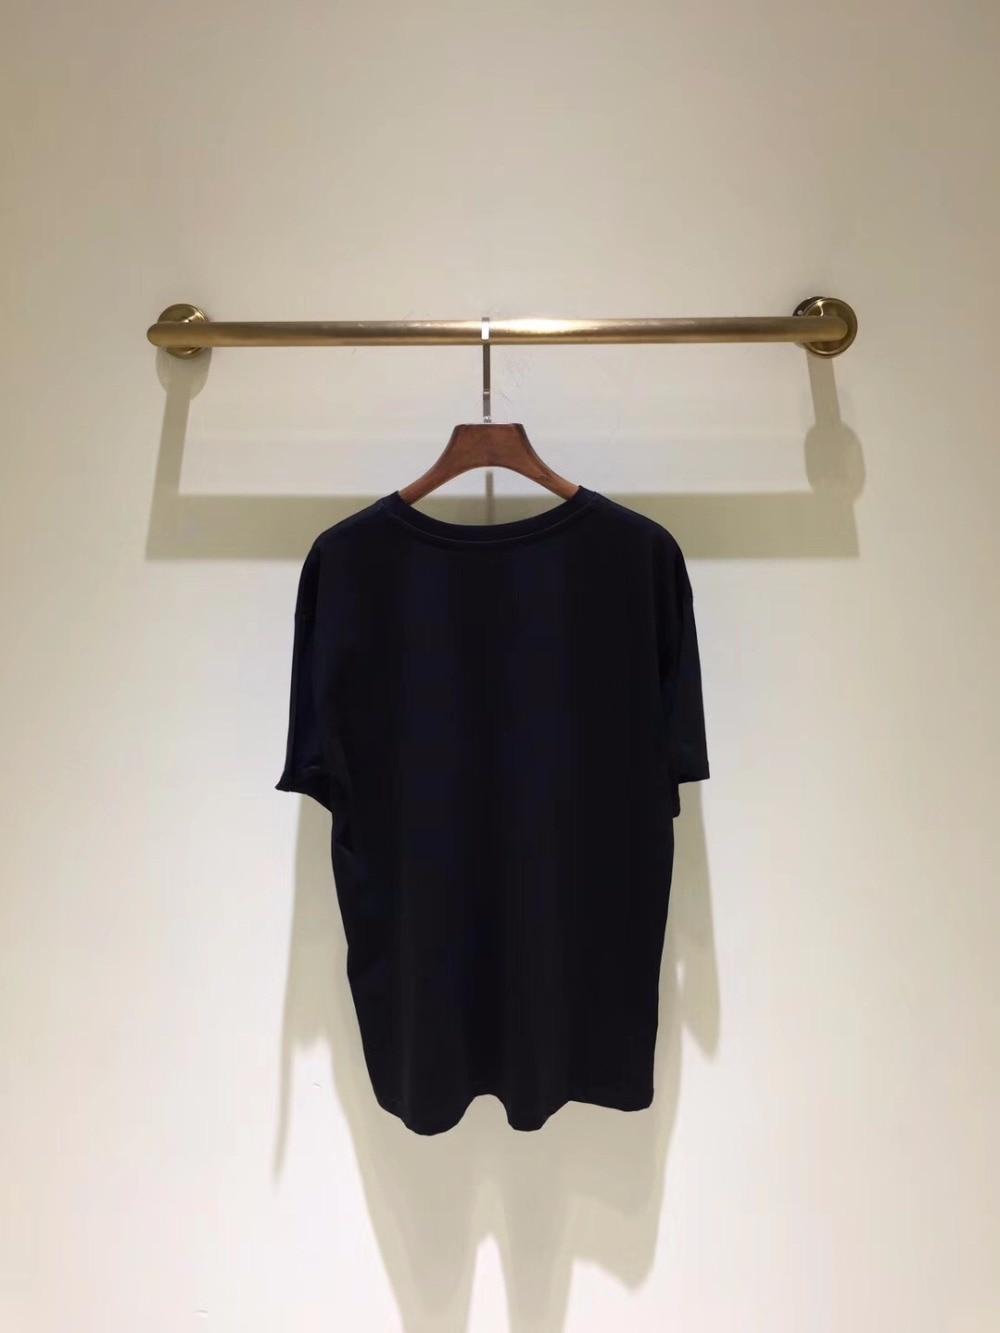 Luxe amp; Femmes Vêtements De Style Célèbre Pour 2019 Européenne Mode Hfa02416 Partie Design Femme Haut Piste T shirts 4qIwvaHT